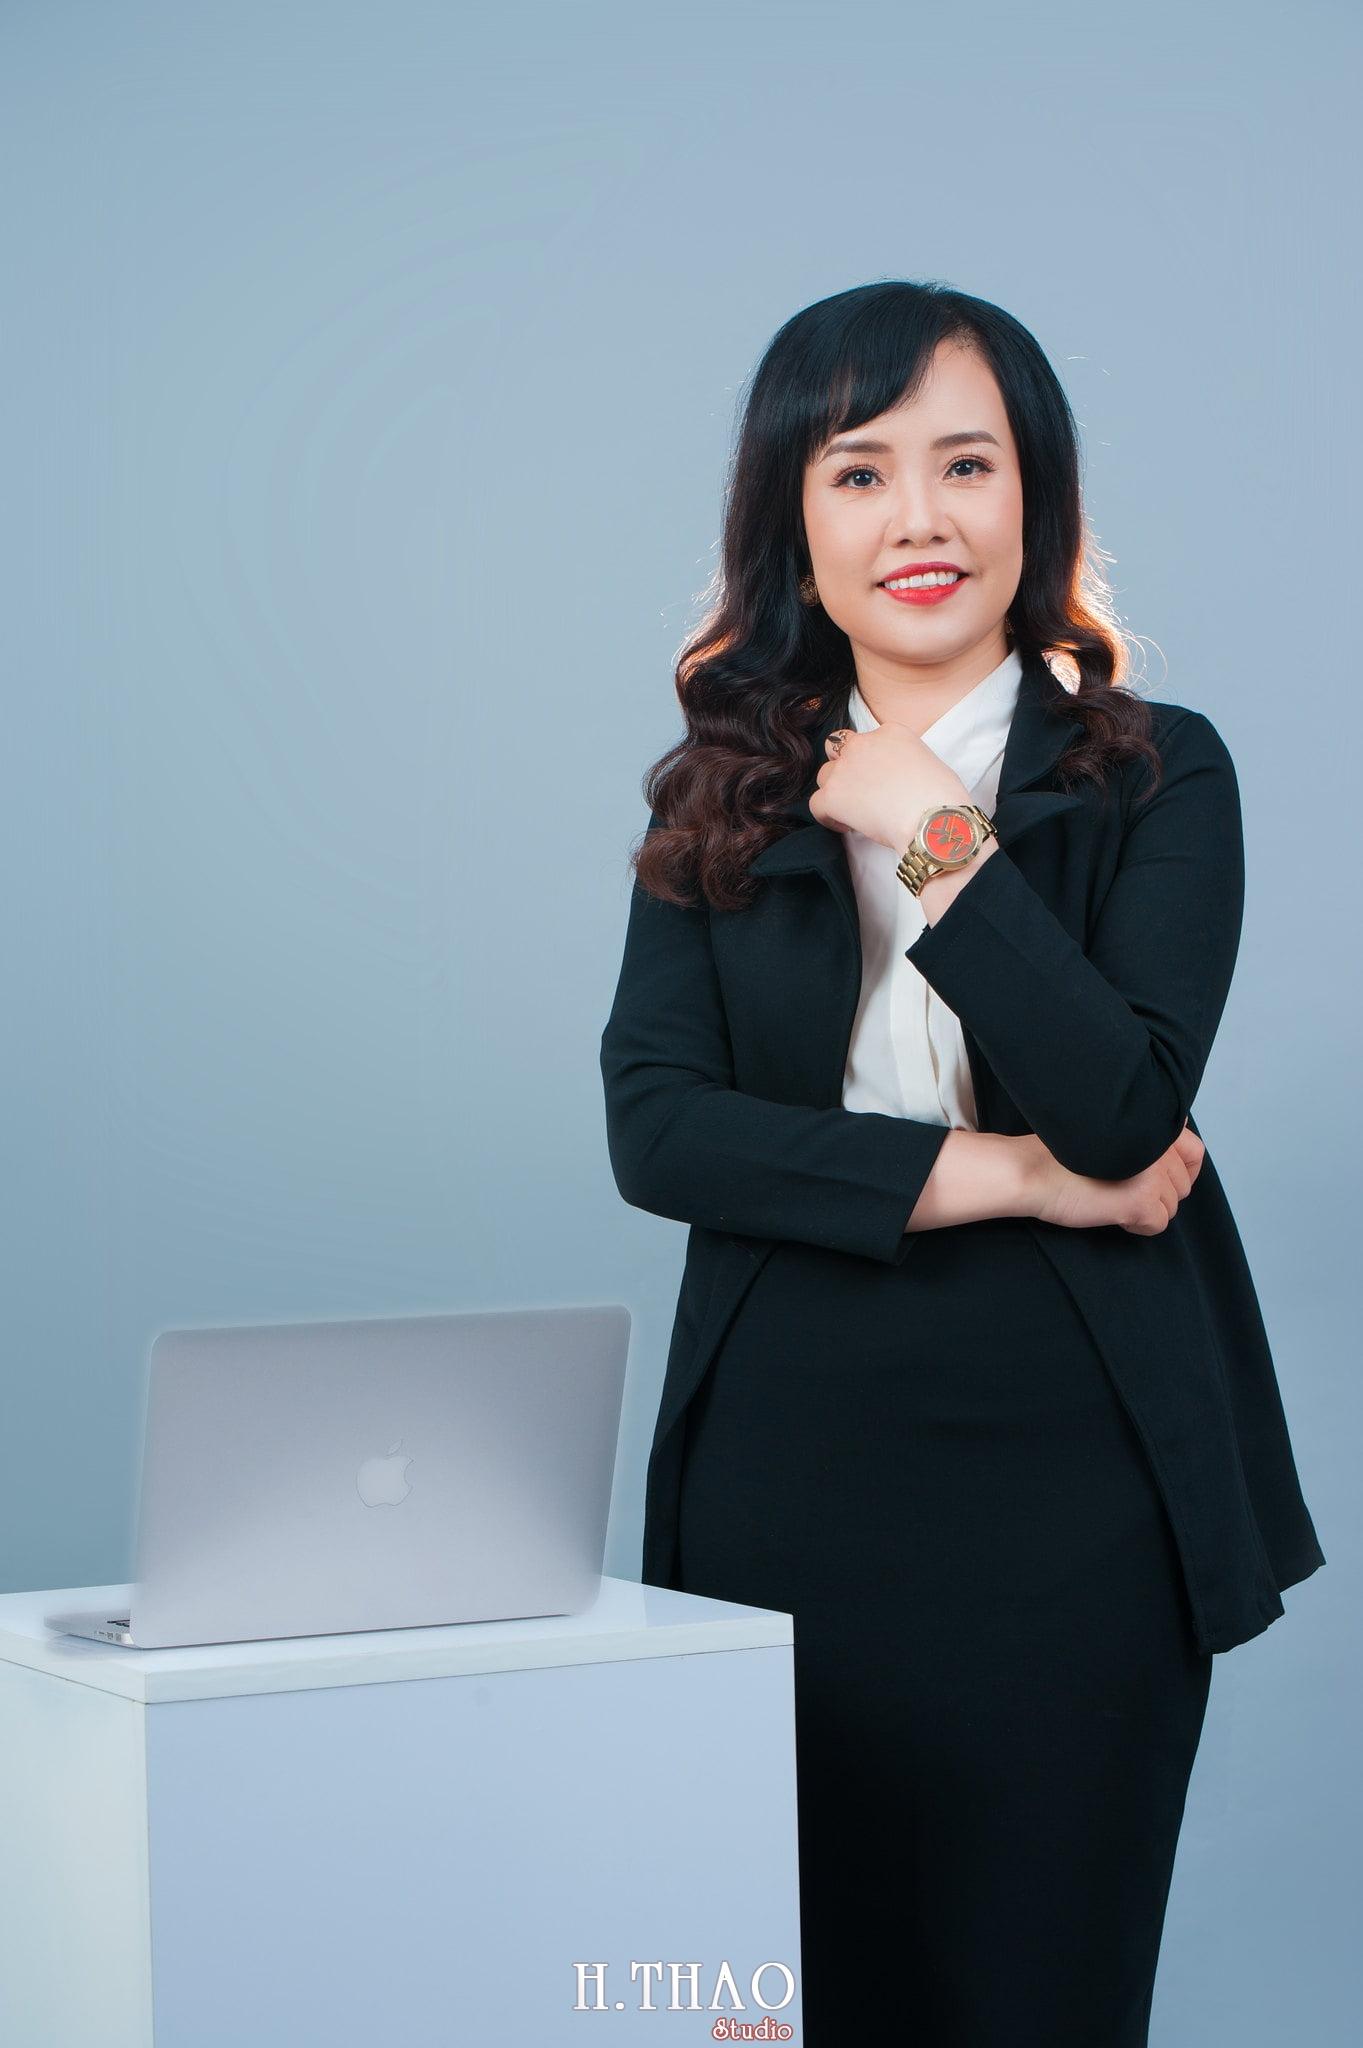 Thu Trang 5 - Chụp ảnh nữ doanh nhân Thu Trang tại HThao Studio – Tp.HCM